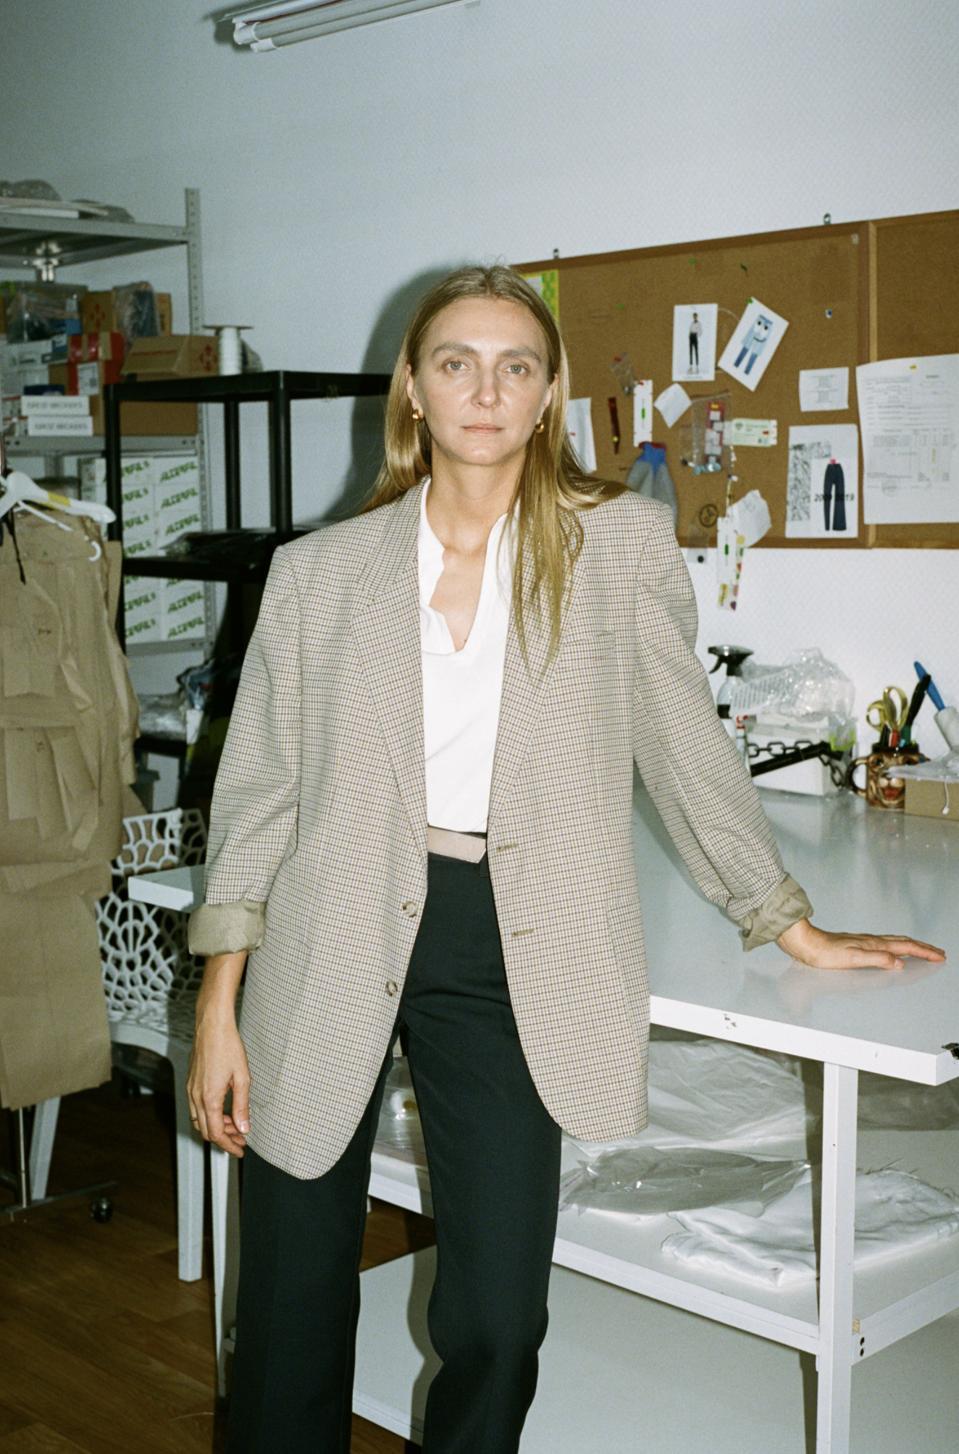 Fashion Designer Ksenia Schnaider in her studio. Kyiv, Ukraine